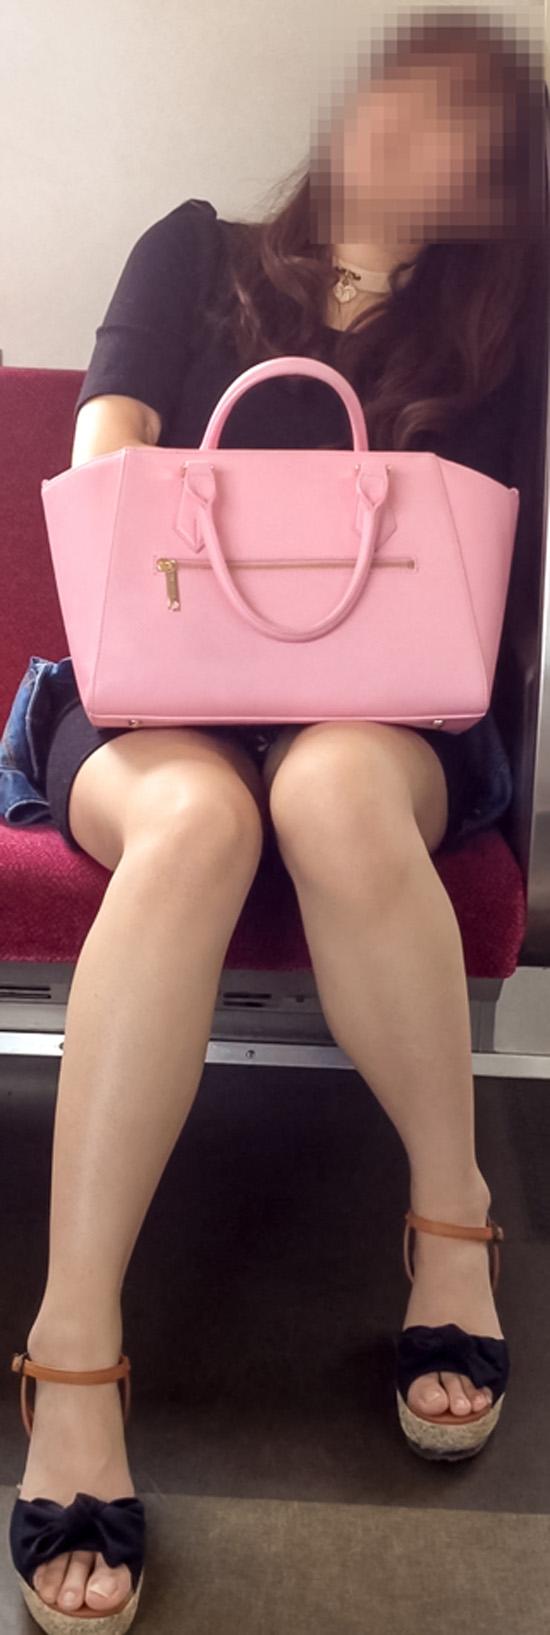 【パンチラエロ画像】座っていればいつか拝めるw電車内の対面ミニスカチラwww 26